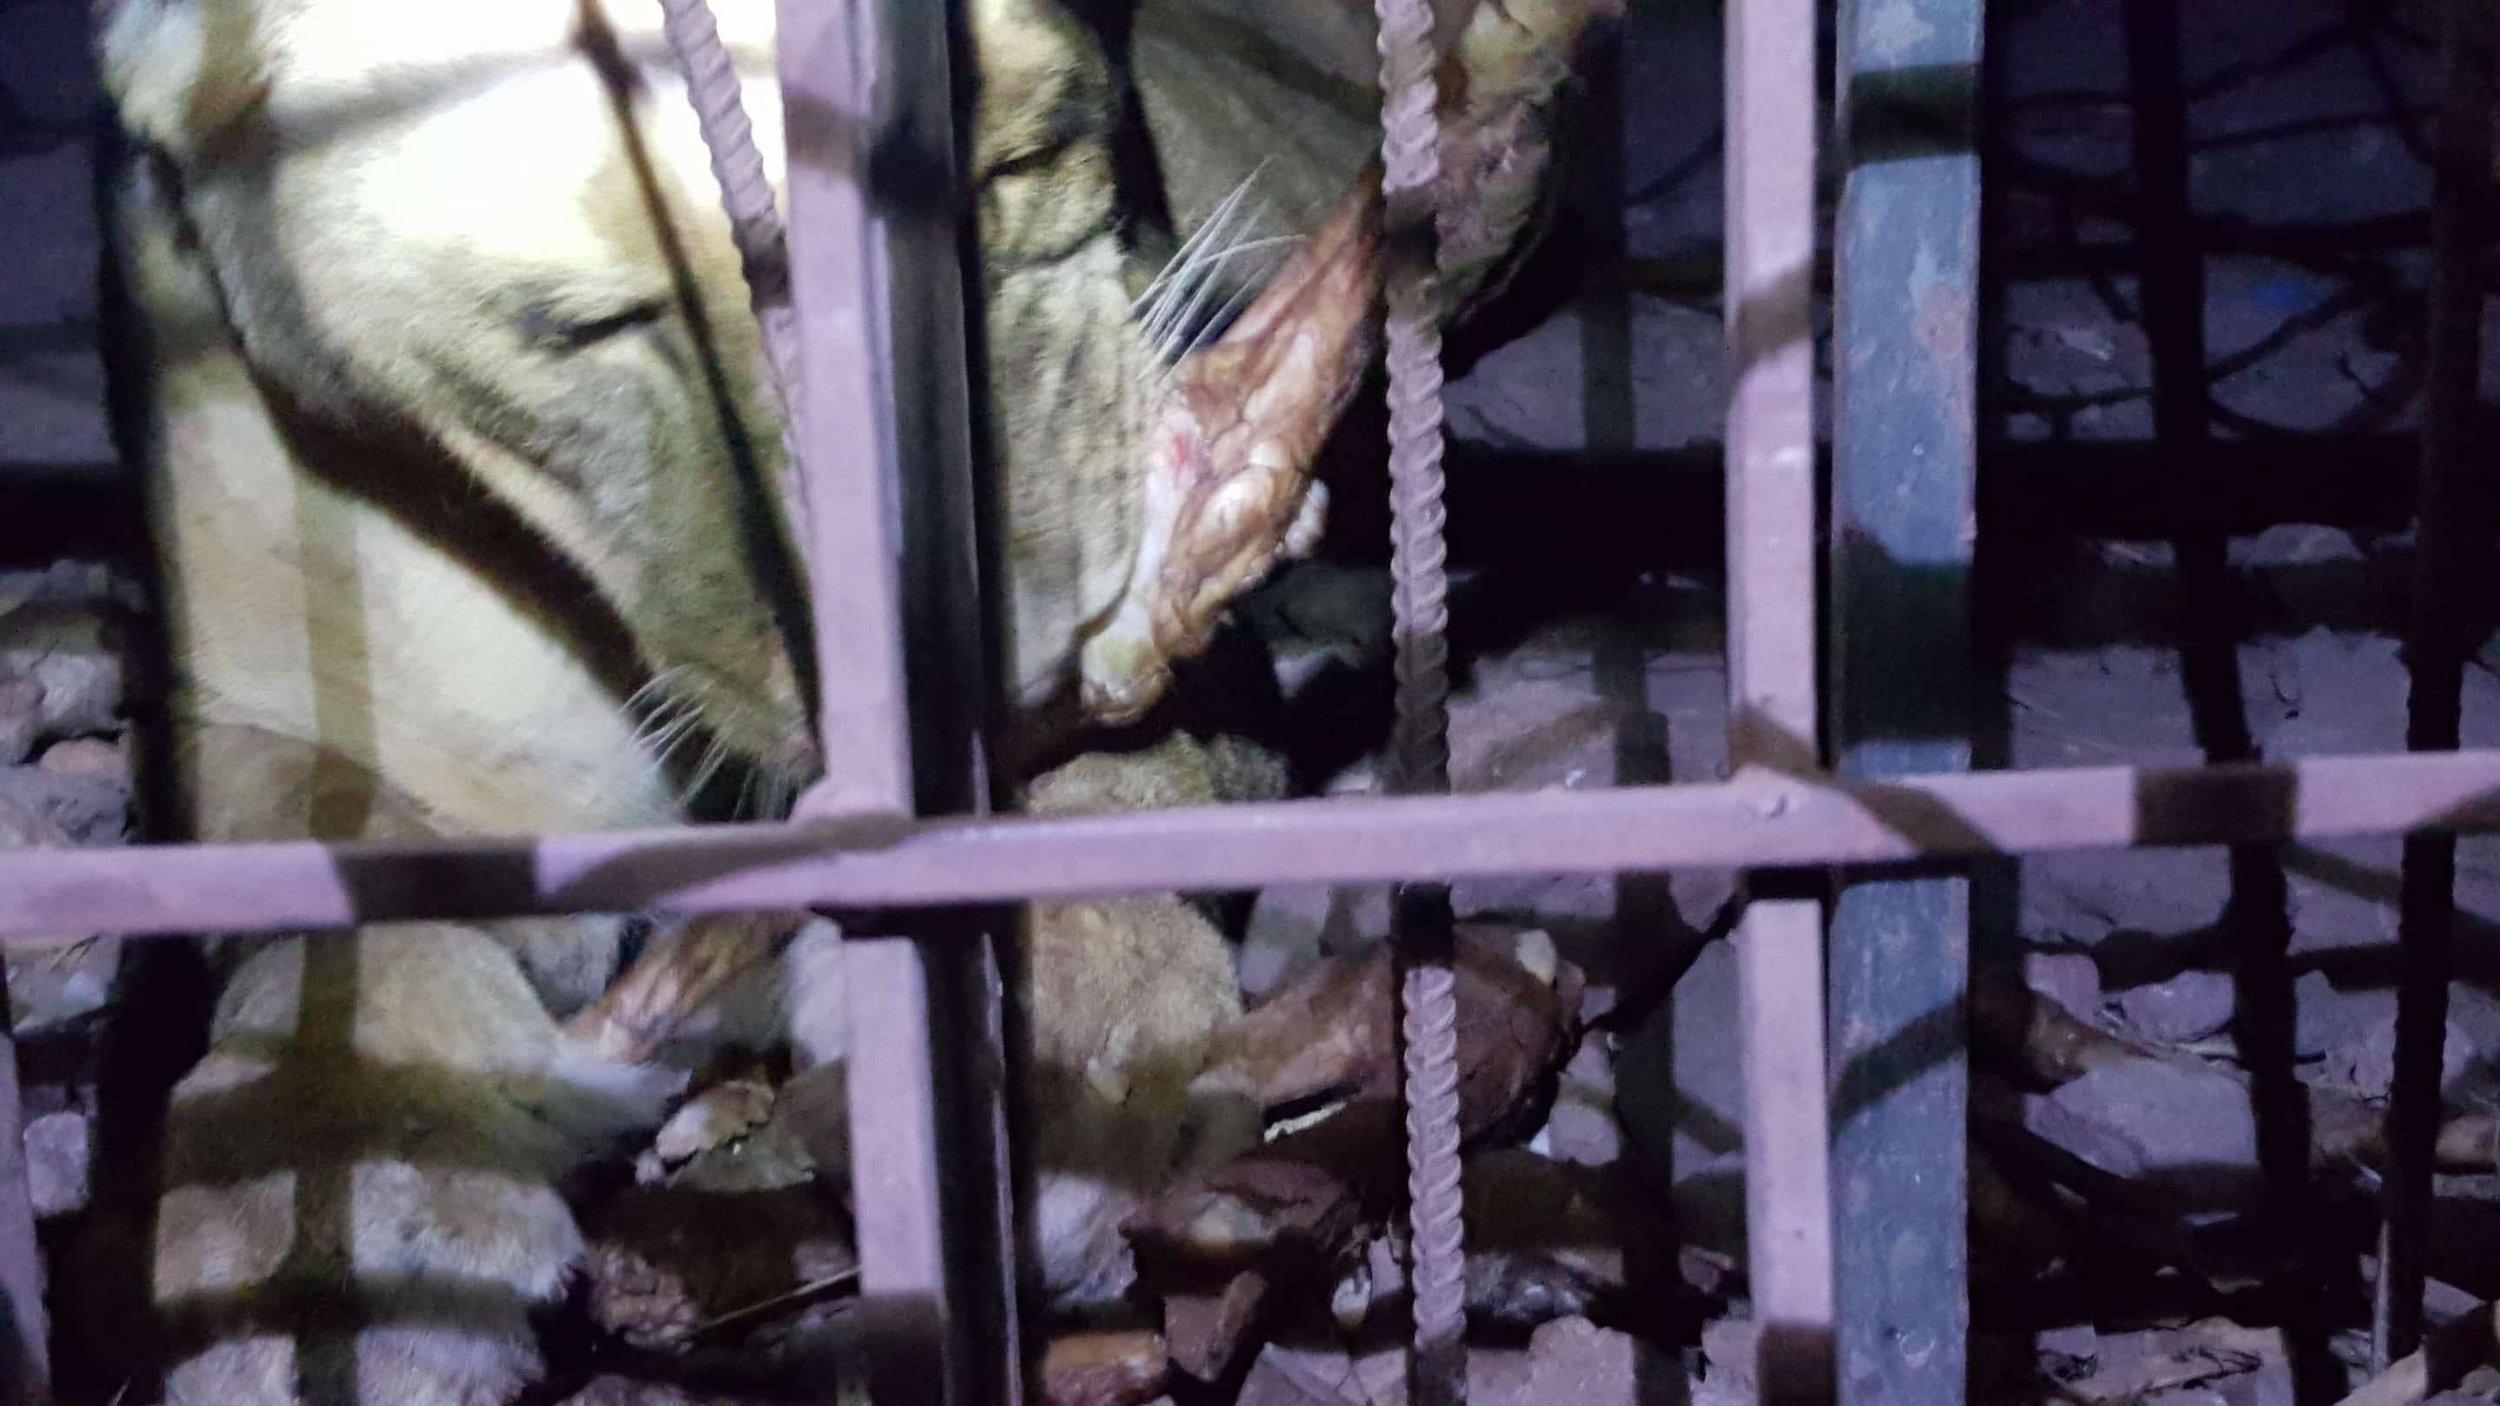 Ibb Zoo Yemen lions nighttime feed OWAP AR Salman feeding 20 Dec 2017 .jpg